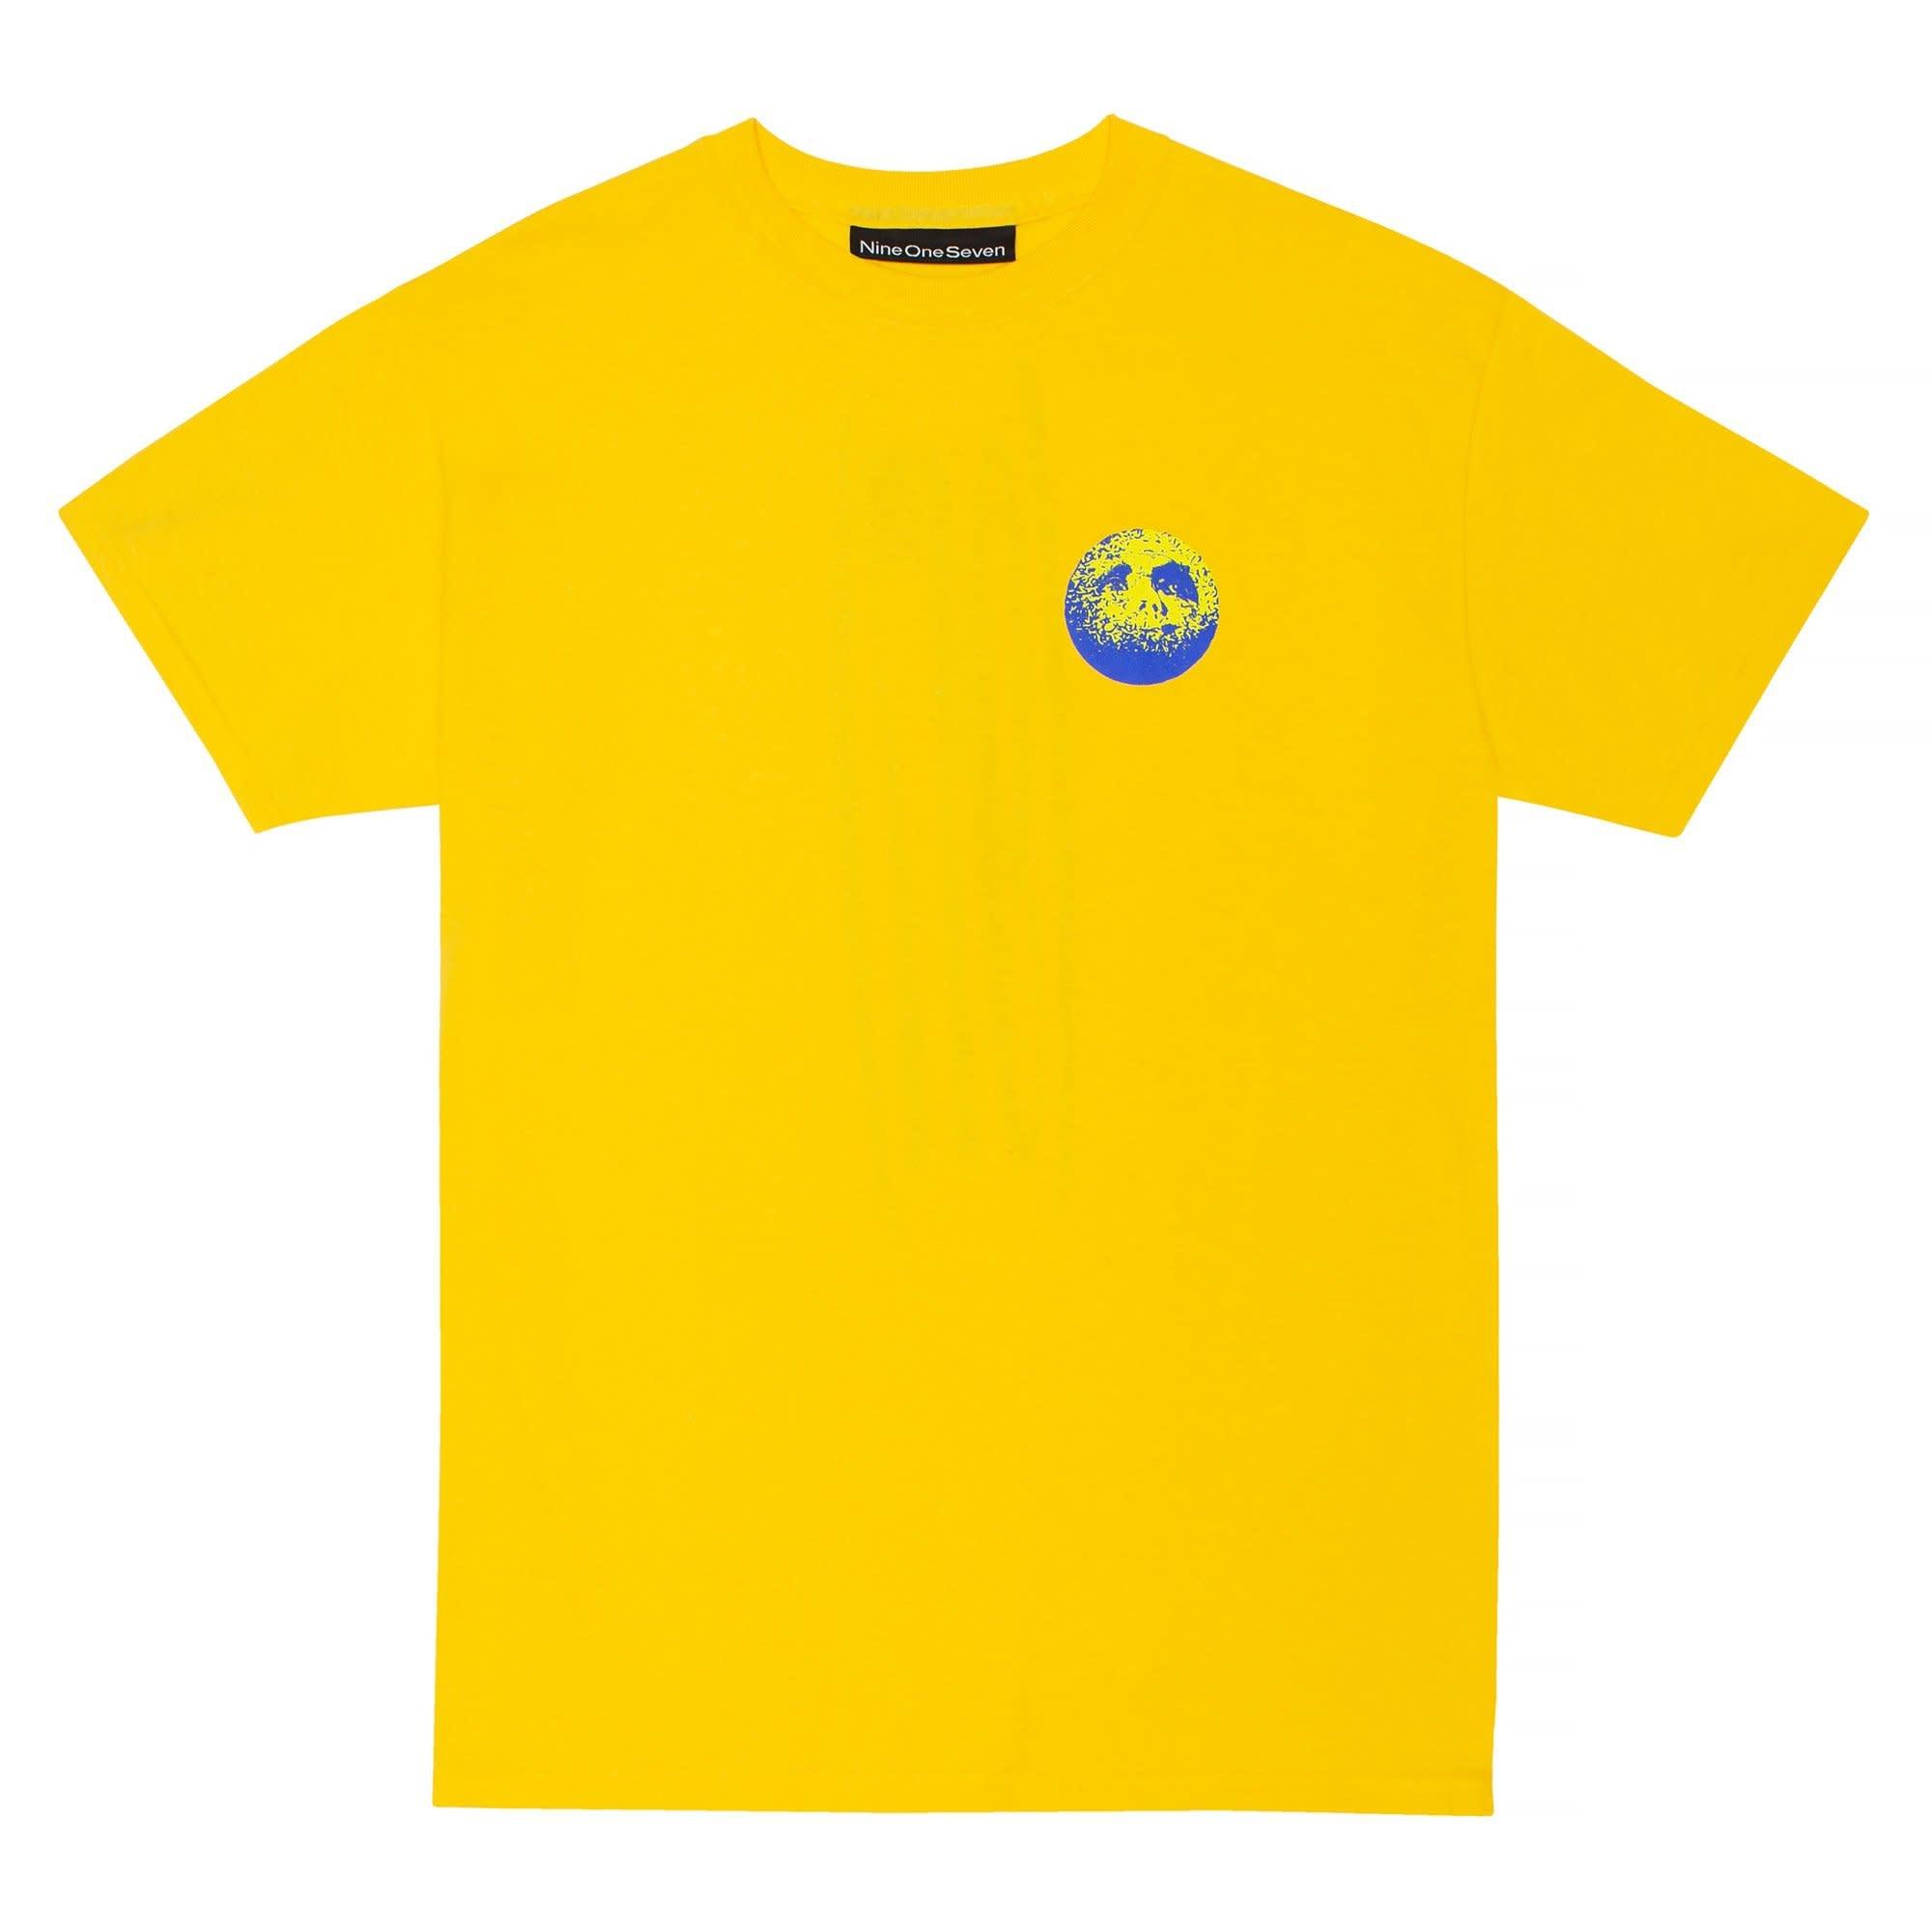 Call Me 917 Melon Tee Yellow